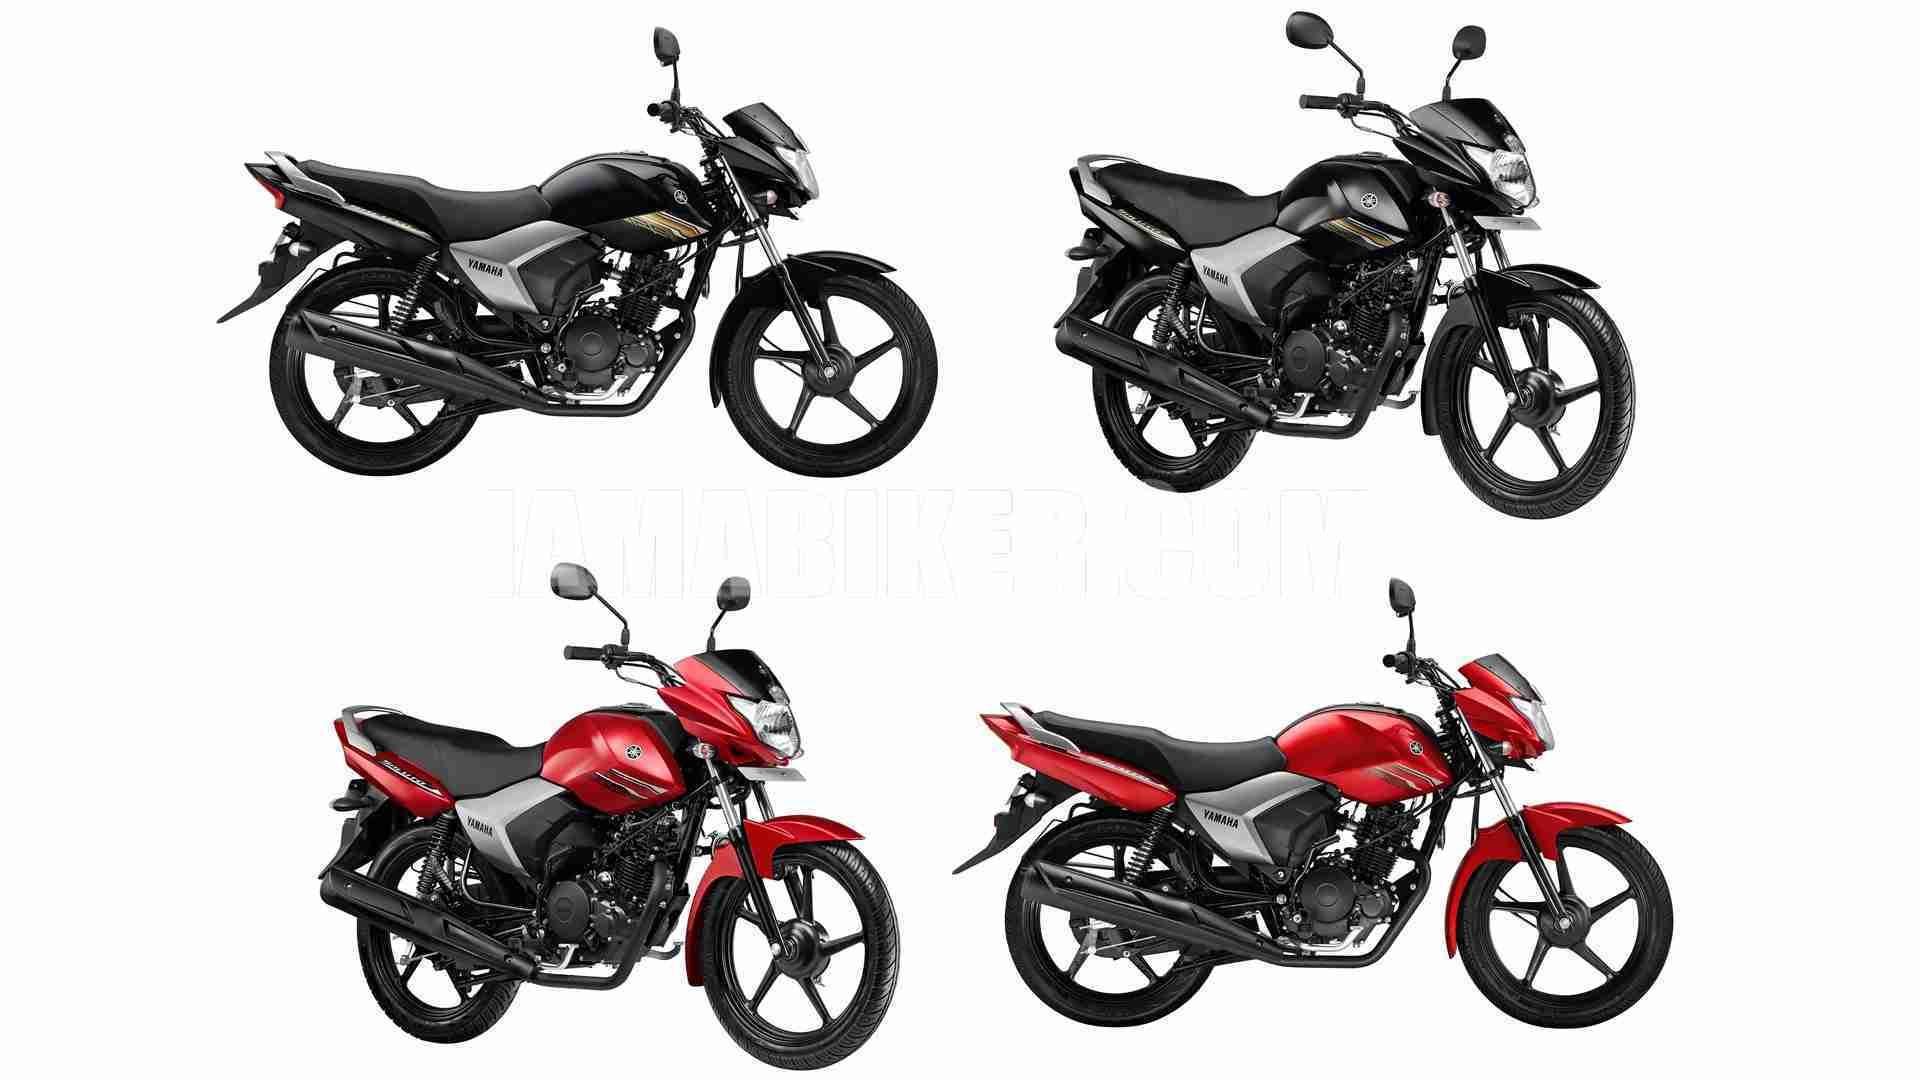 Yamaha Saluto 125 all colour options